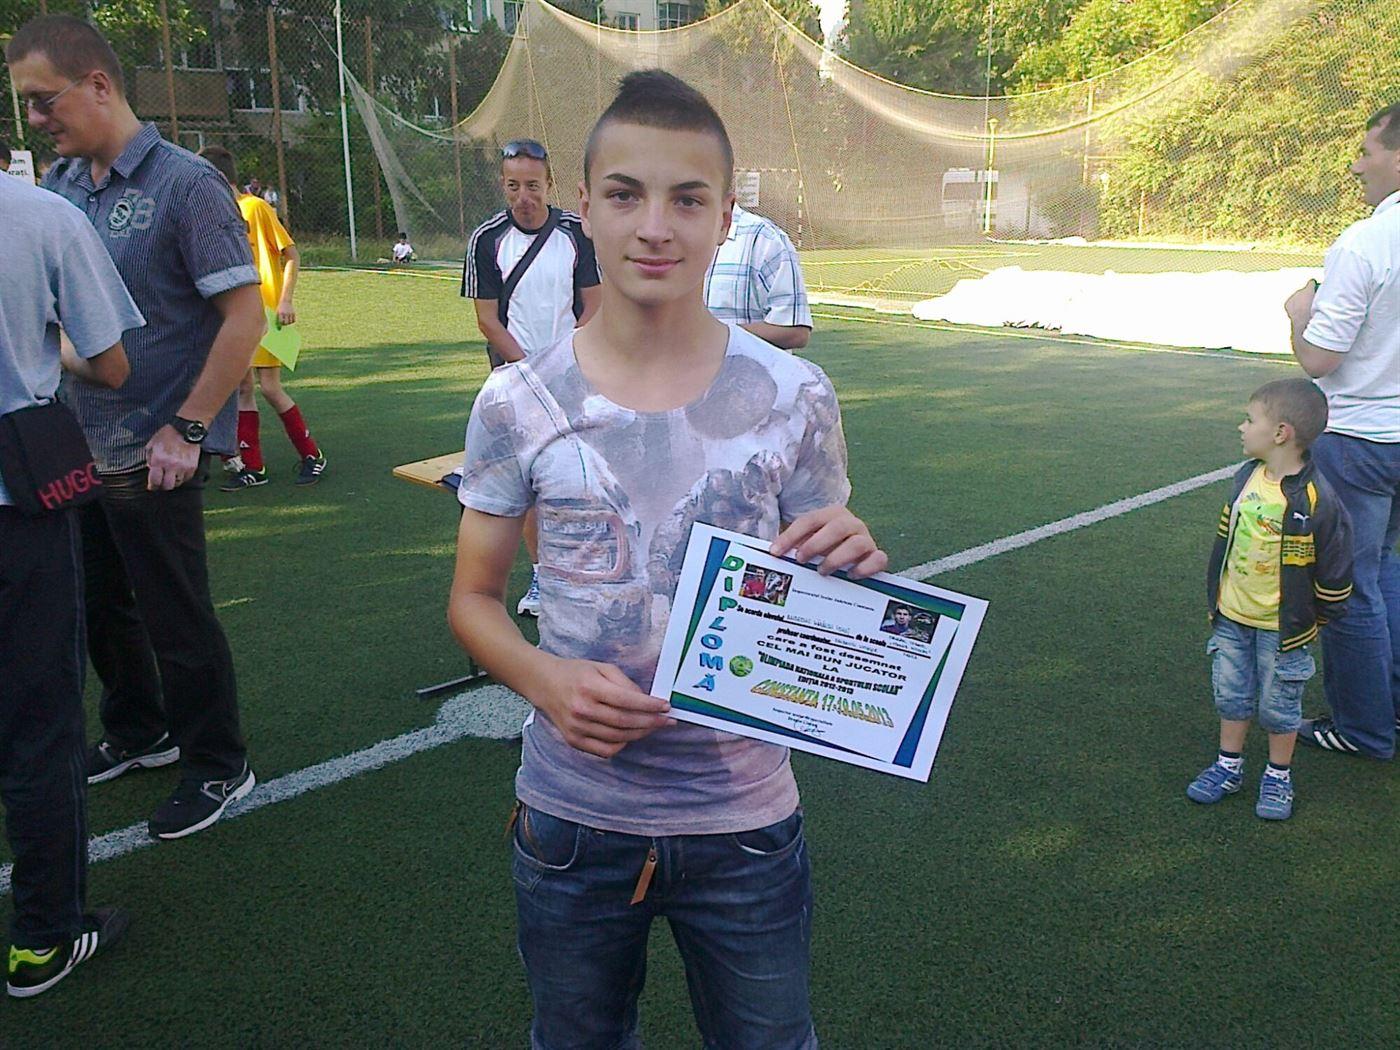 Juniorii de la Luceafarul Braila pe locul 3 la Brasov Cup